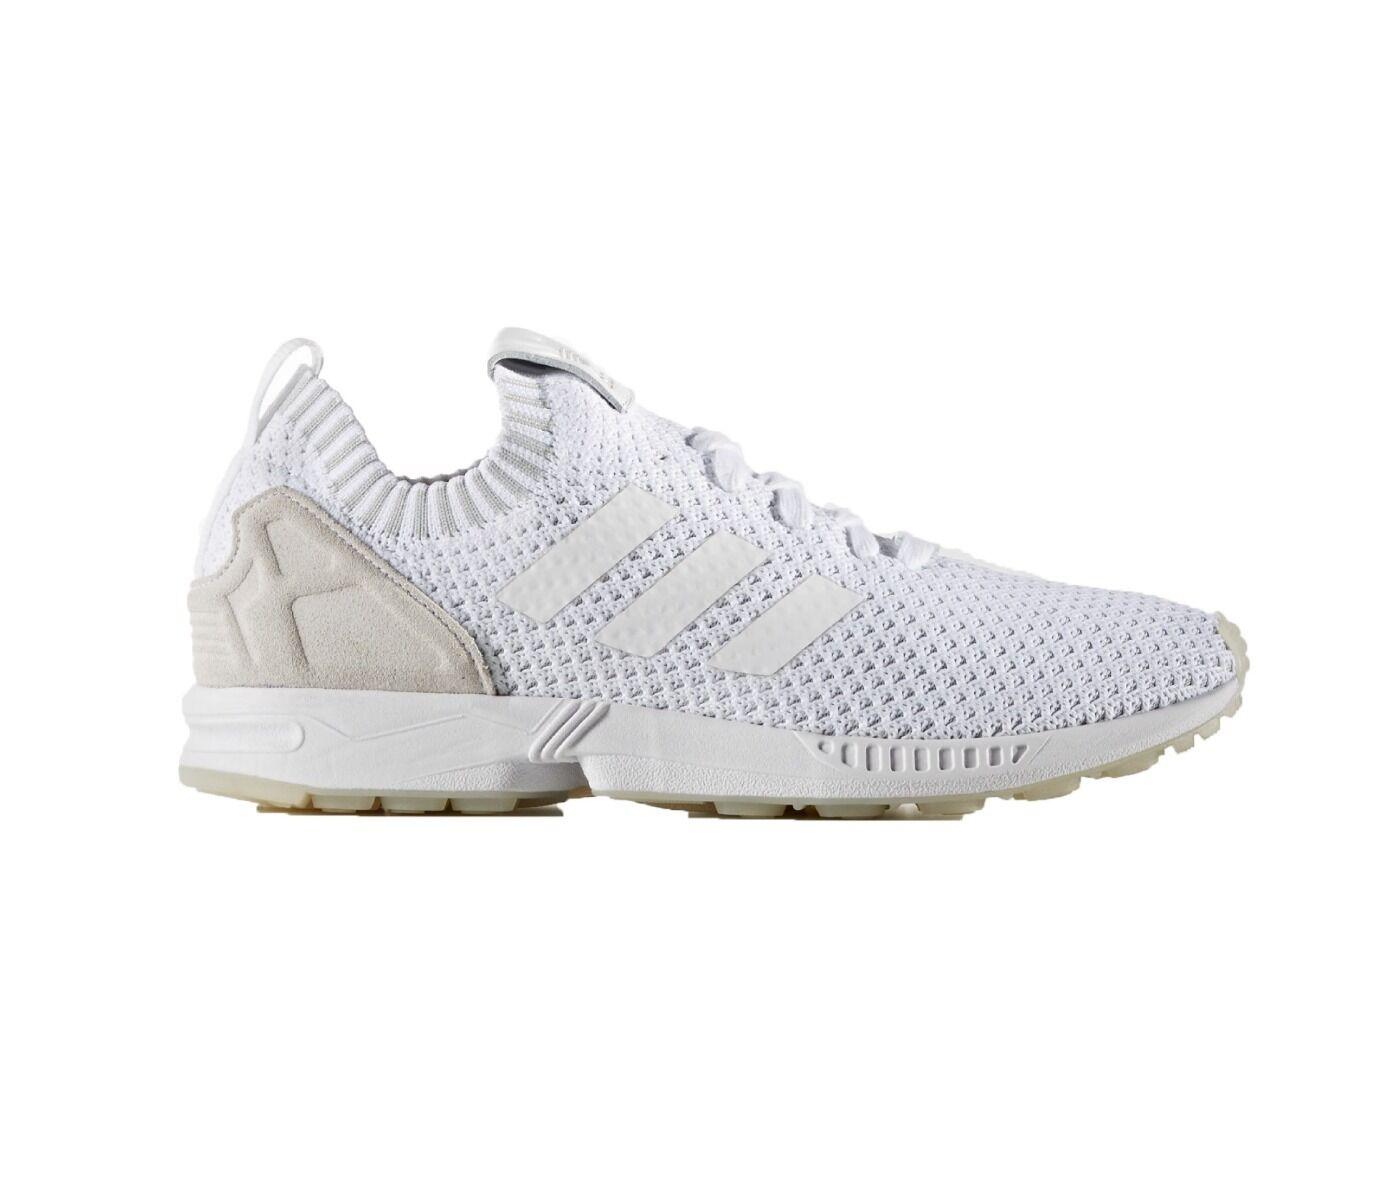 Adidas zx flusso pk Uomo correndo trainer white scarpe 6,5 - 11,5 white trainer runner ea7108